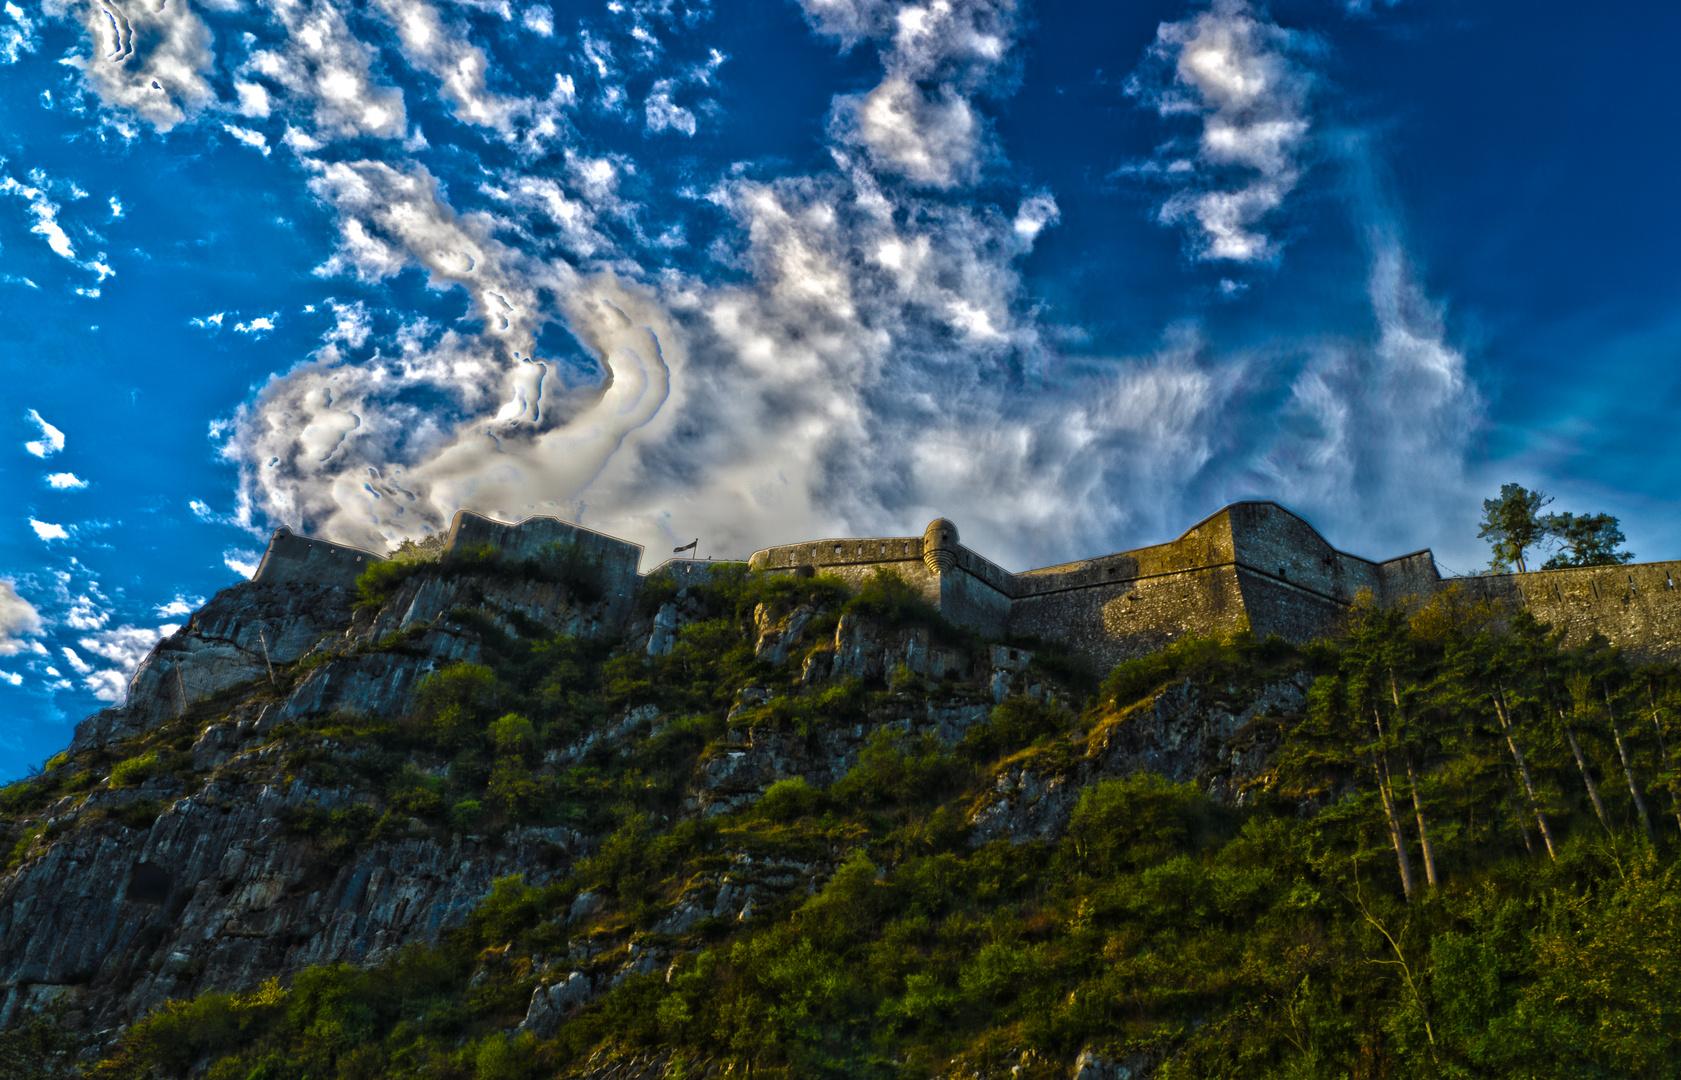 Berg Festung